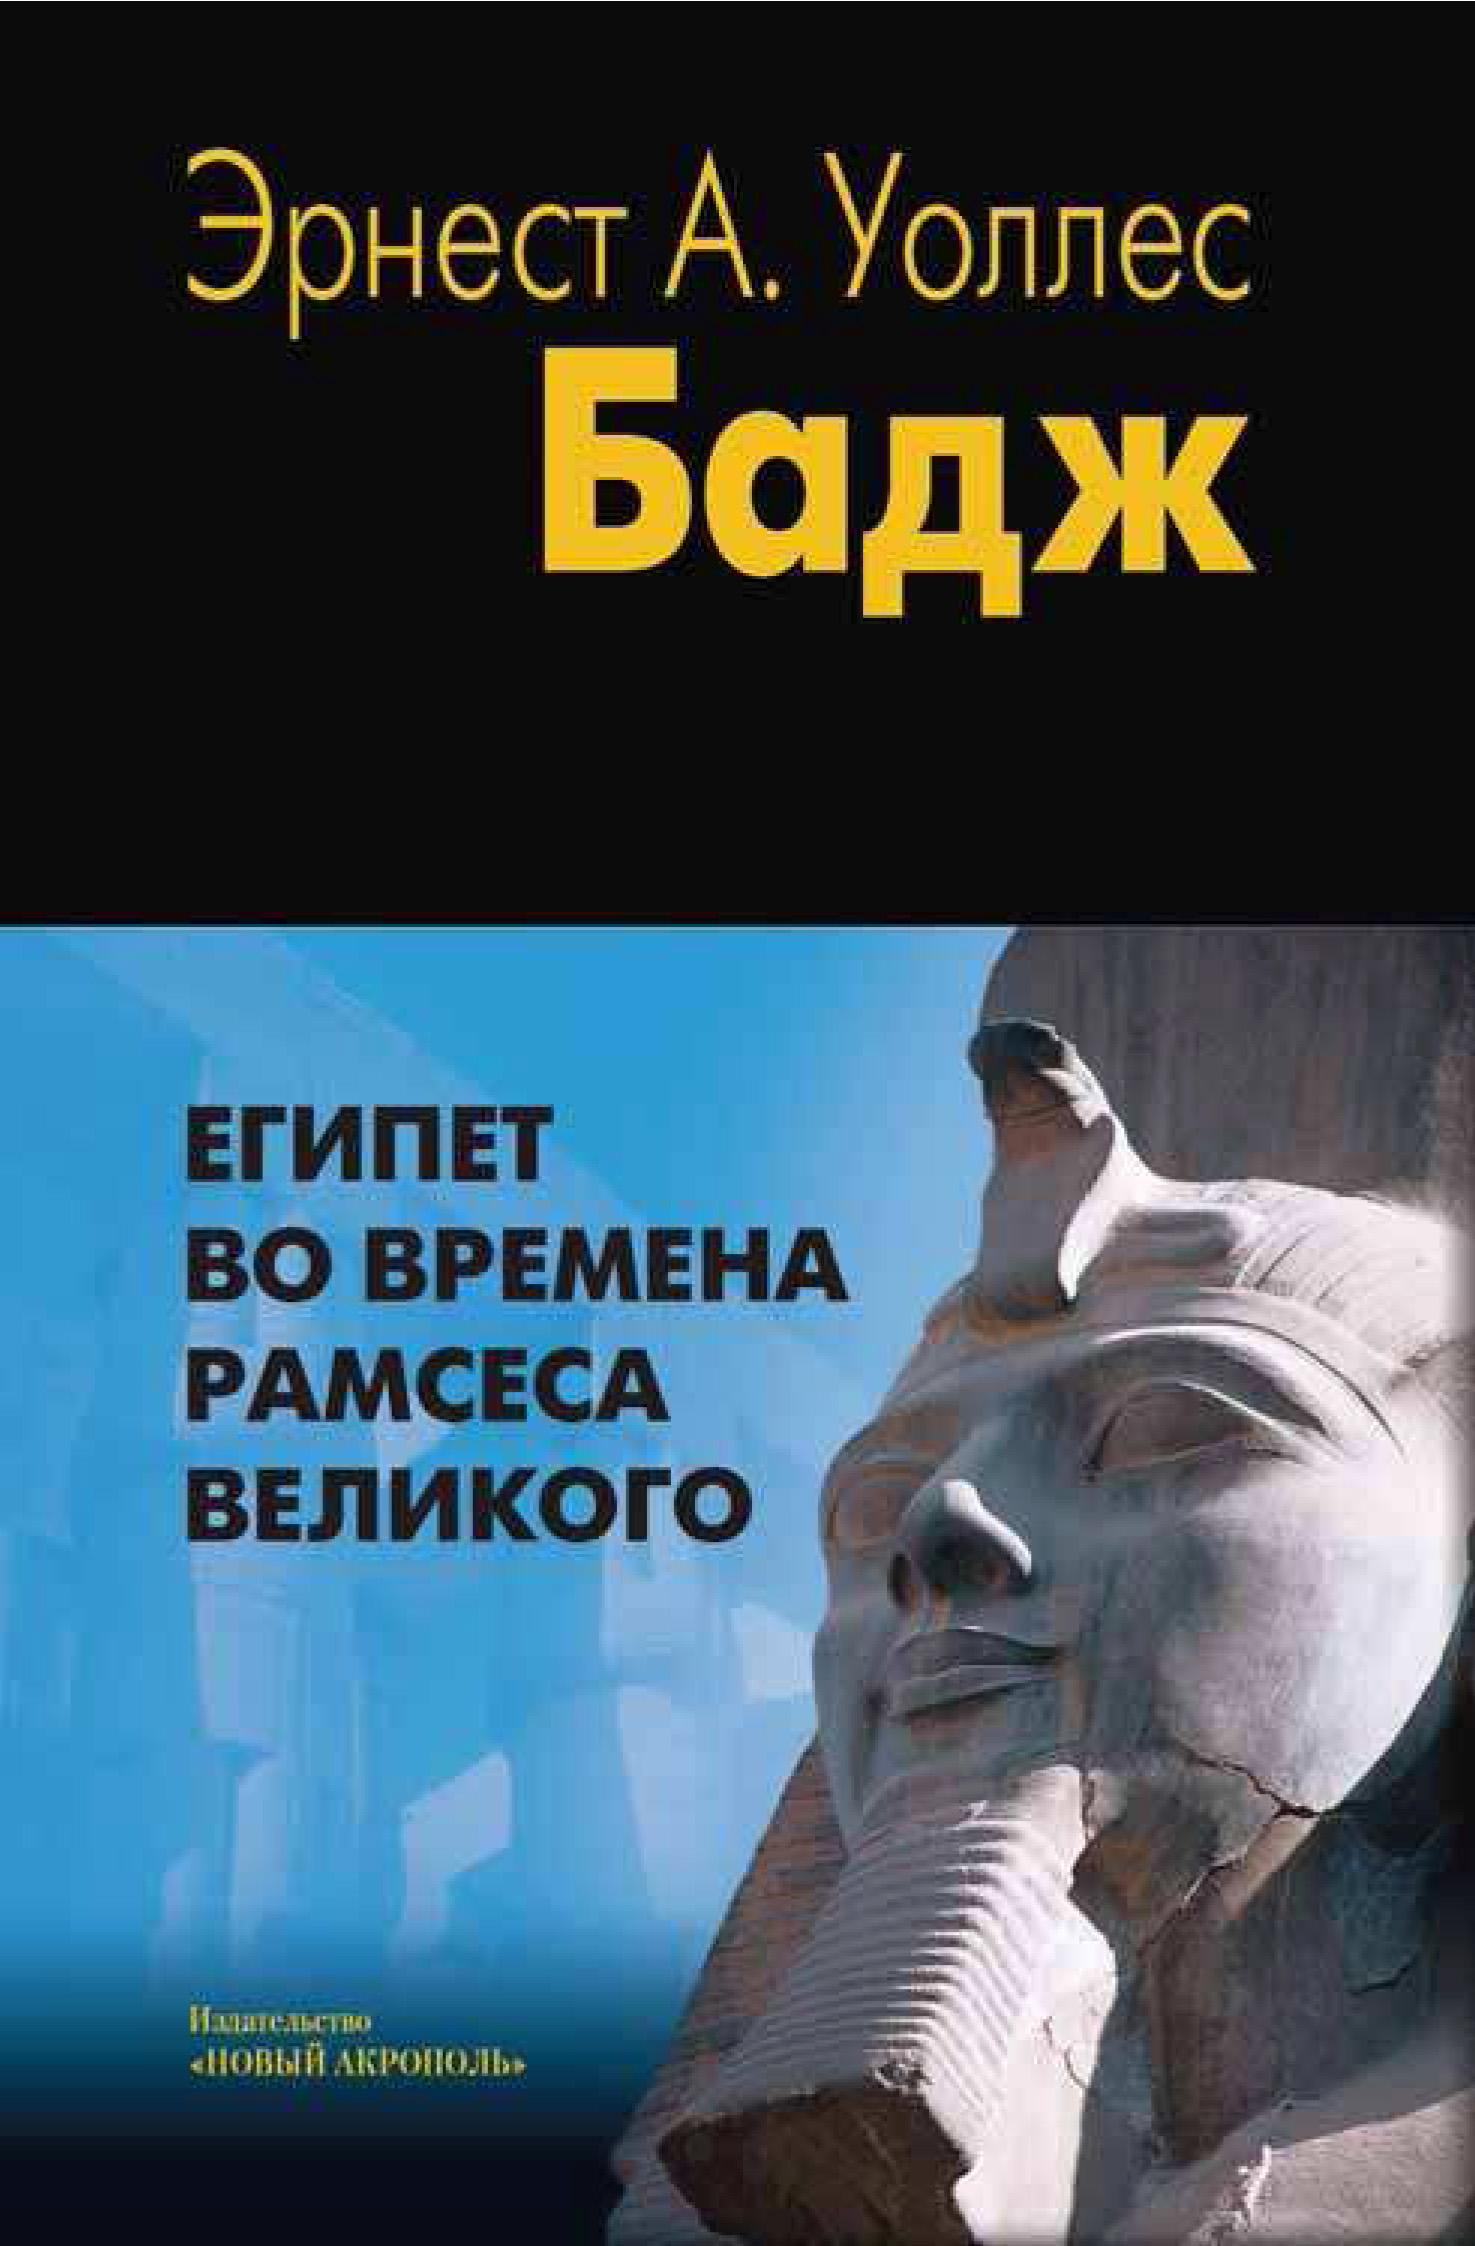 Уоллис Бадж Египет во времена Рамсеса Великого долгое путешествие рамсеса ii